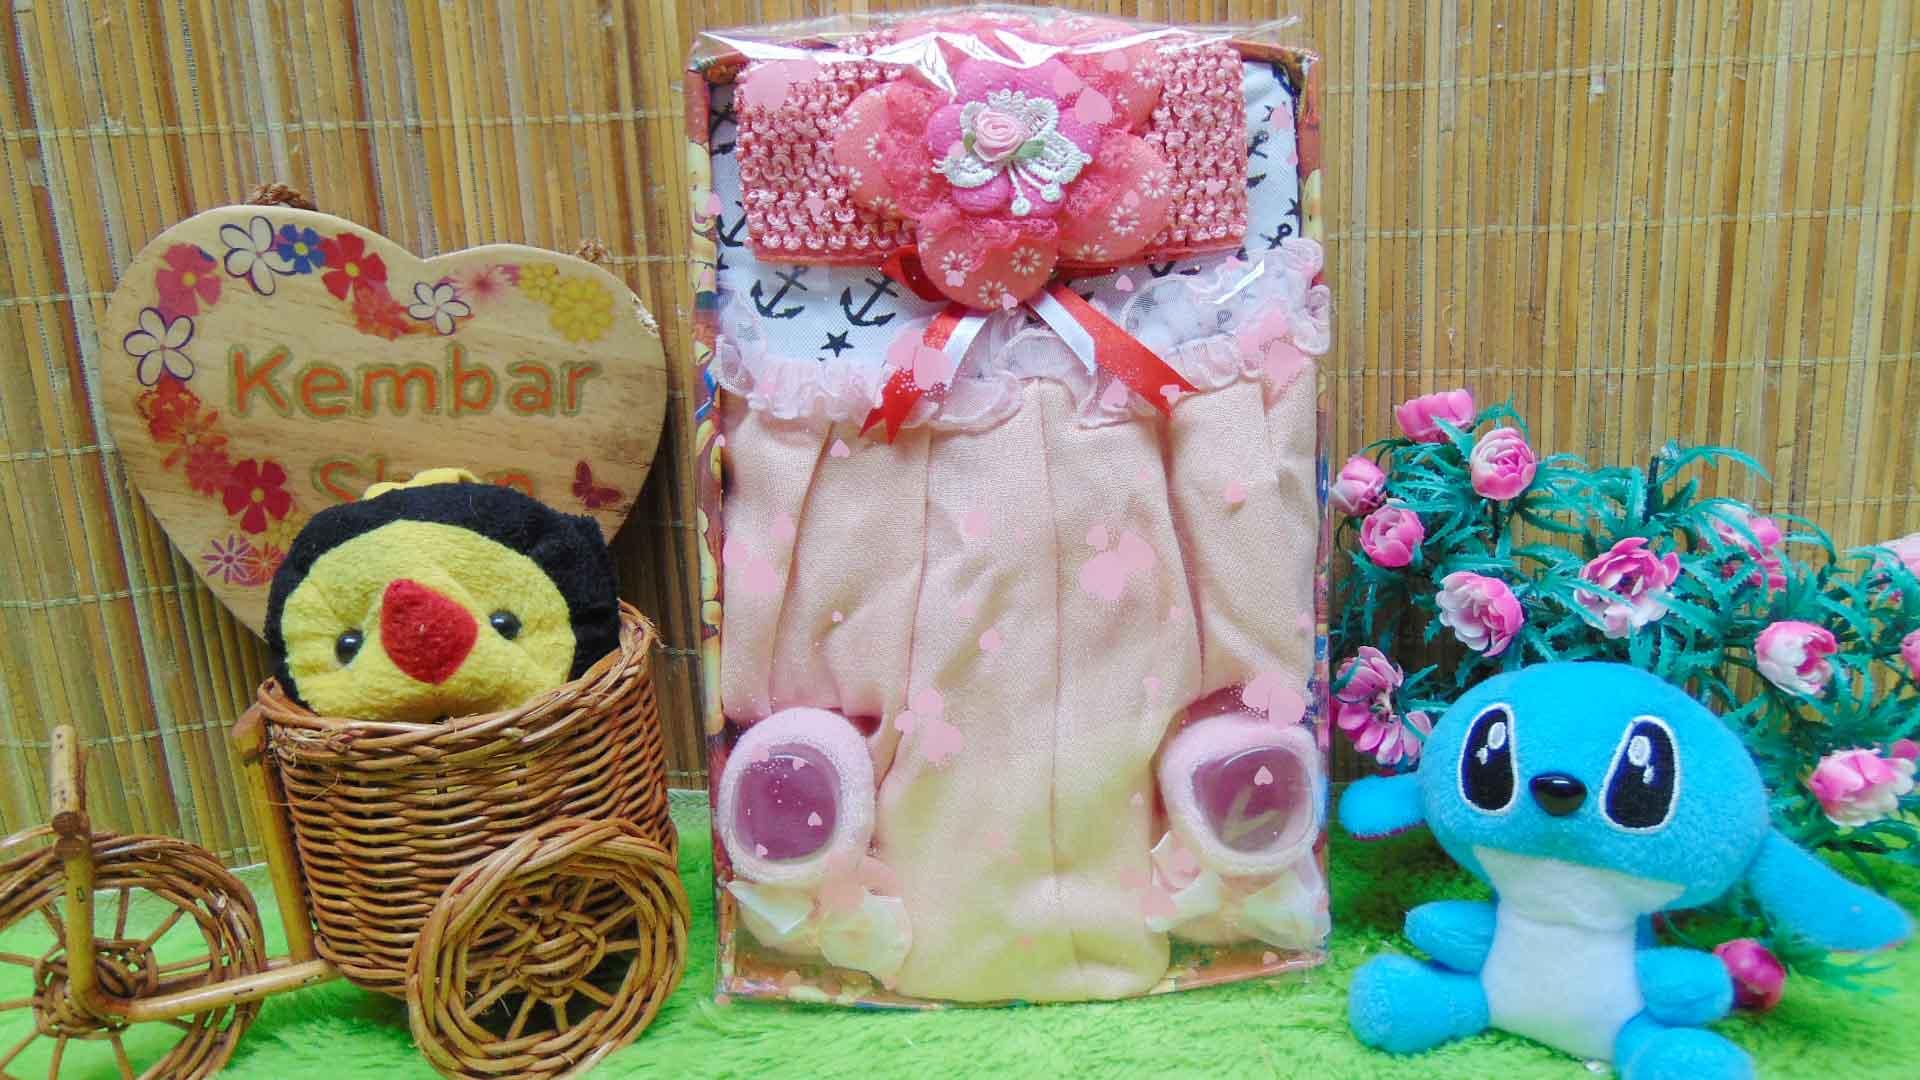 FREE KARTU UCAPAN Kado Lahiran Box Paket Kado Bayi Perempuan Cewek Baby Gift Dress Sock sailor pink 55 terdiri Dress pesta bayi 0-12bln, kaos kaki pita polka, dan bandana jaring bunga